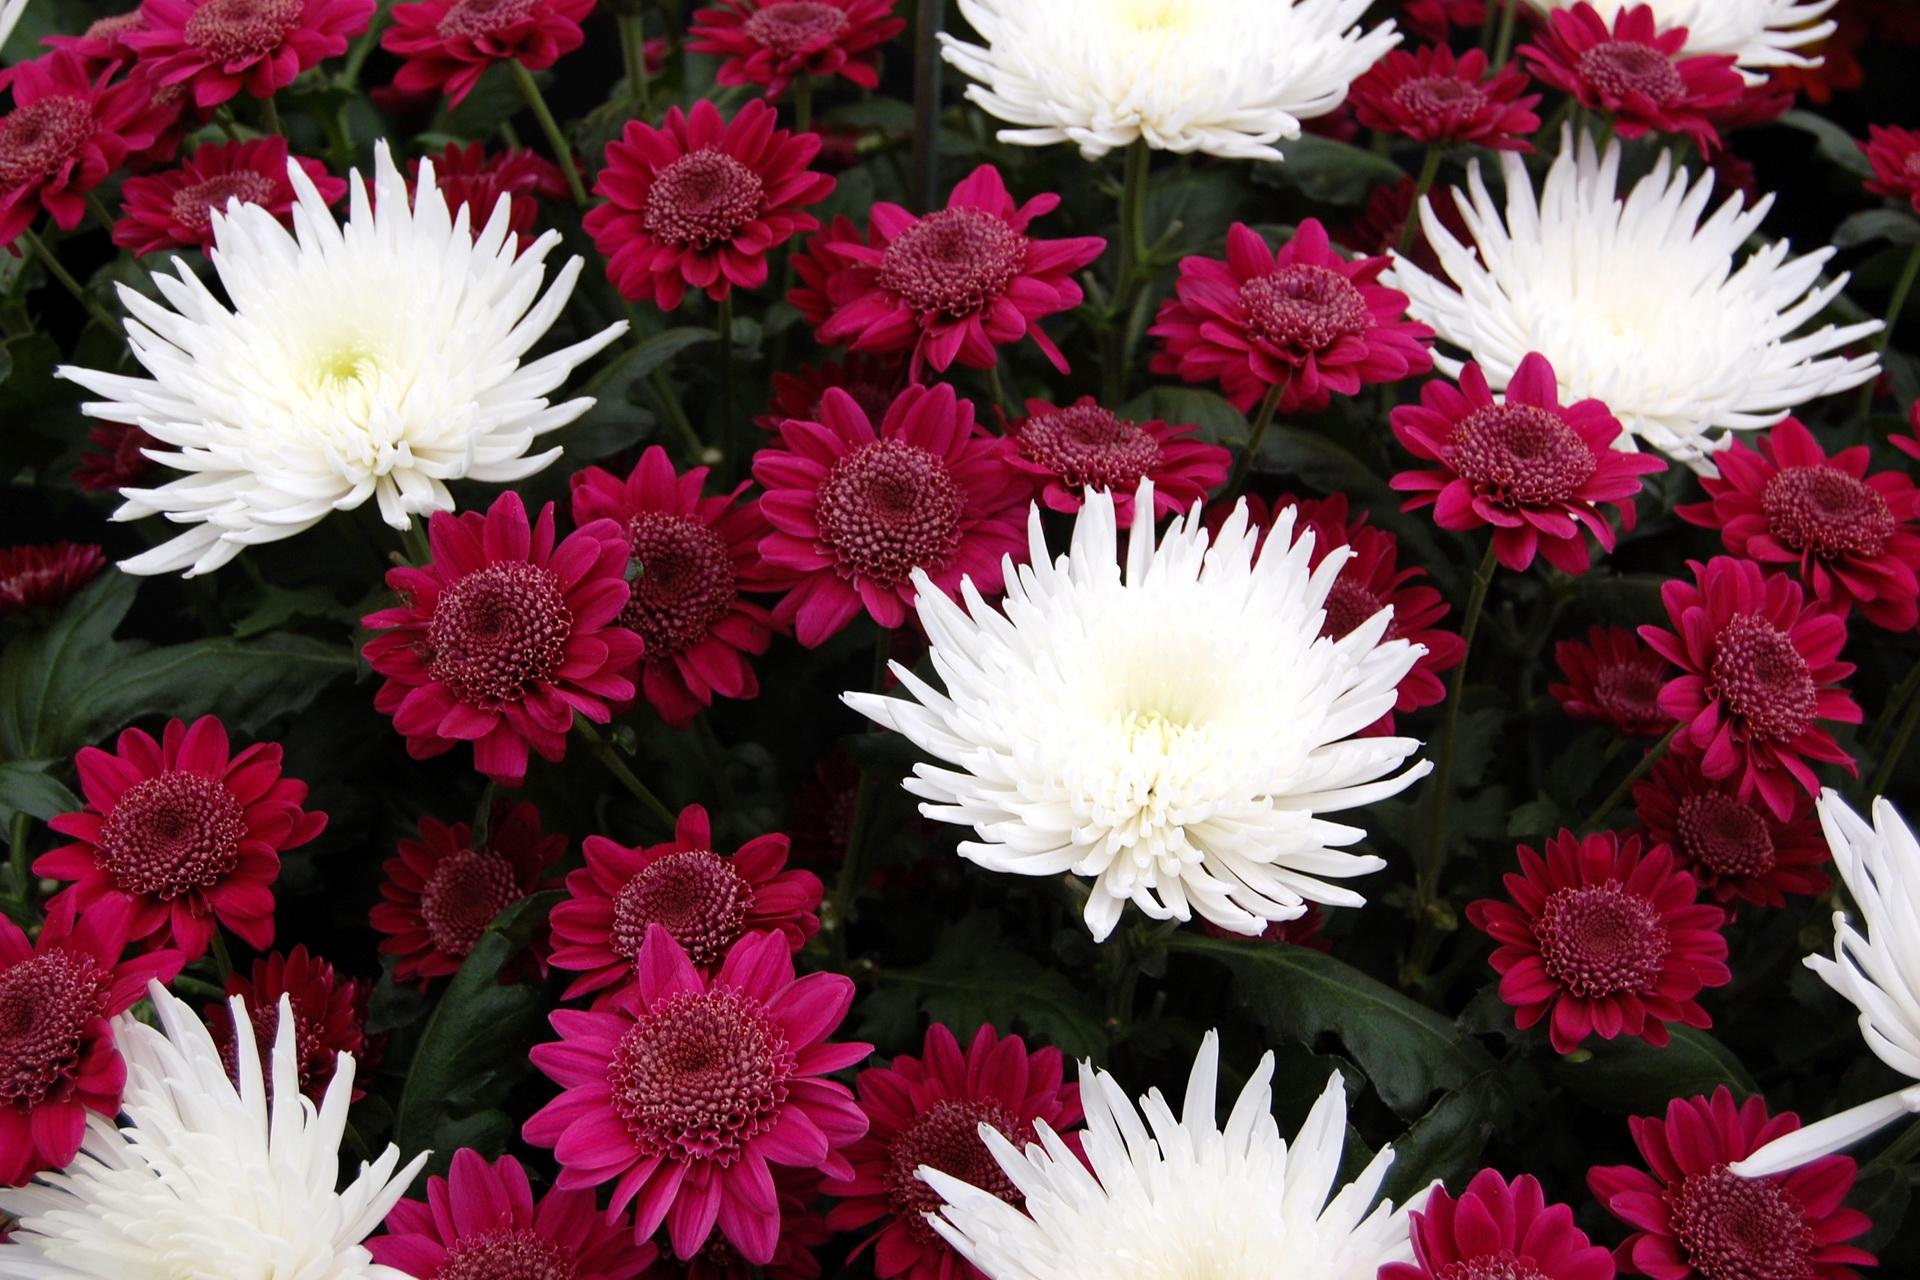 Обои на рабочий стол Цветы хризантемы   подборка (3)